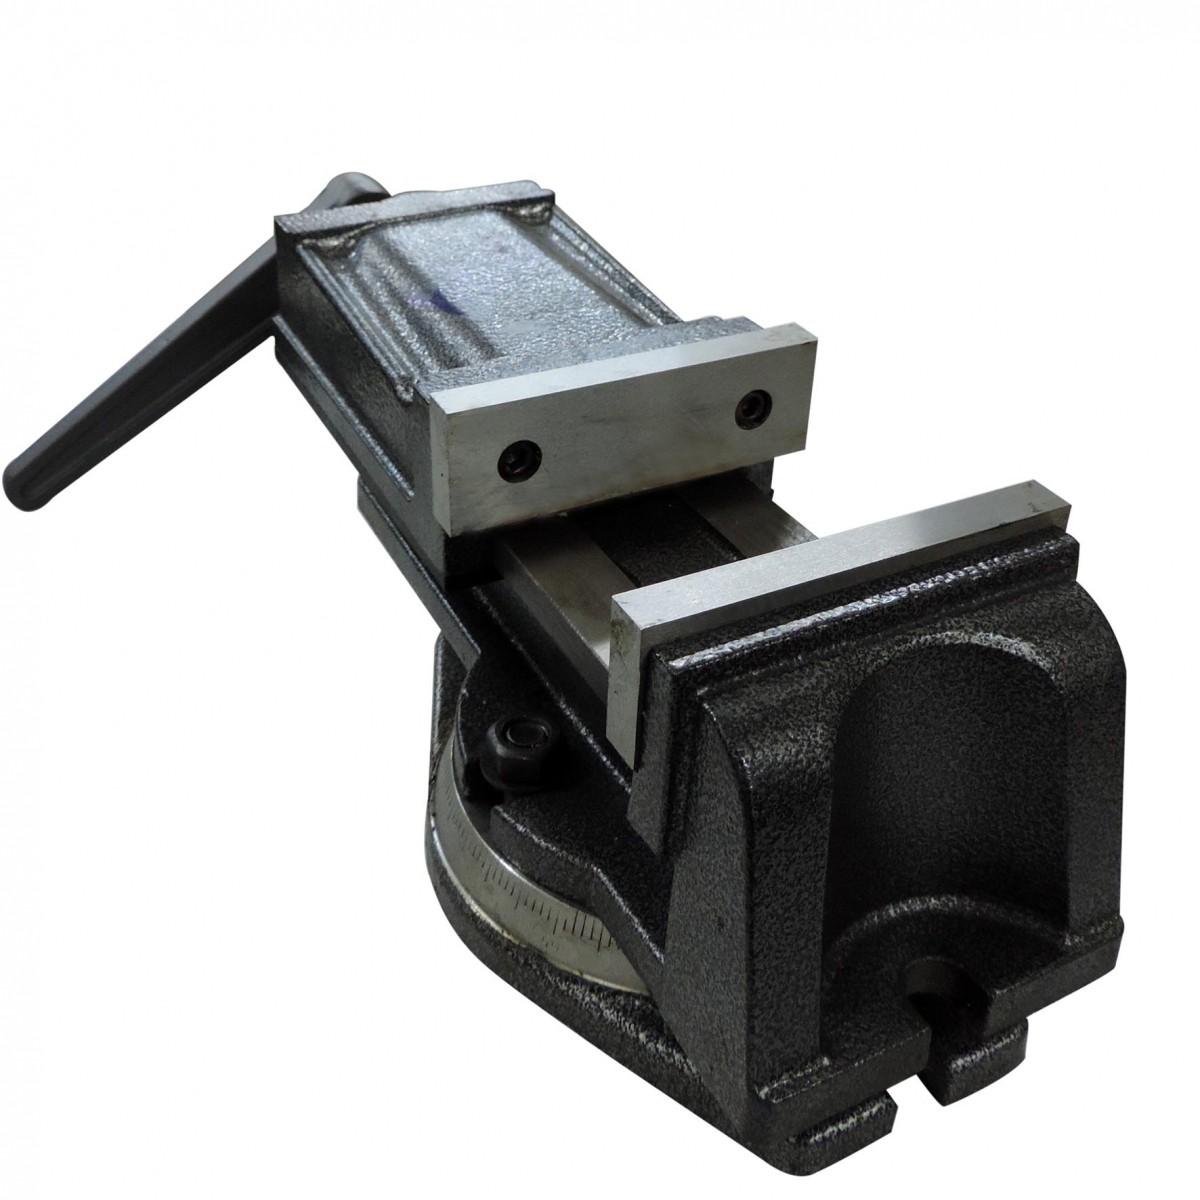 Morsa De Precisão Giratória 80mm De Abertura Q74